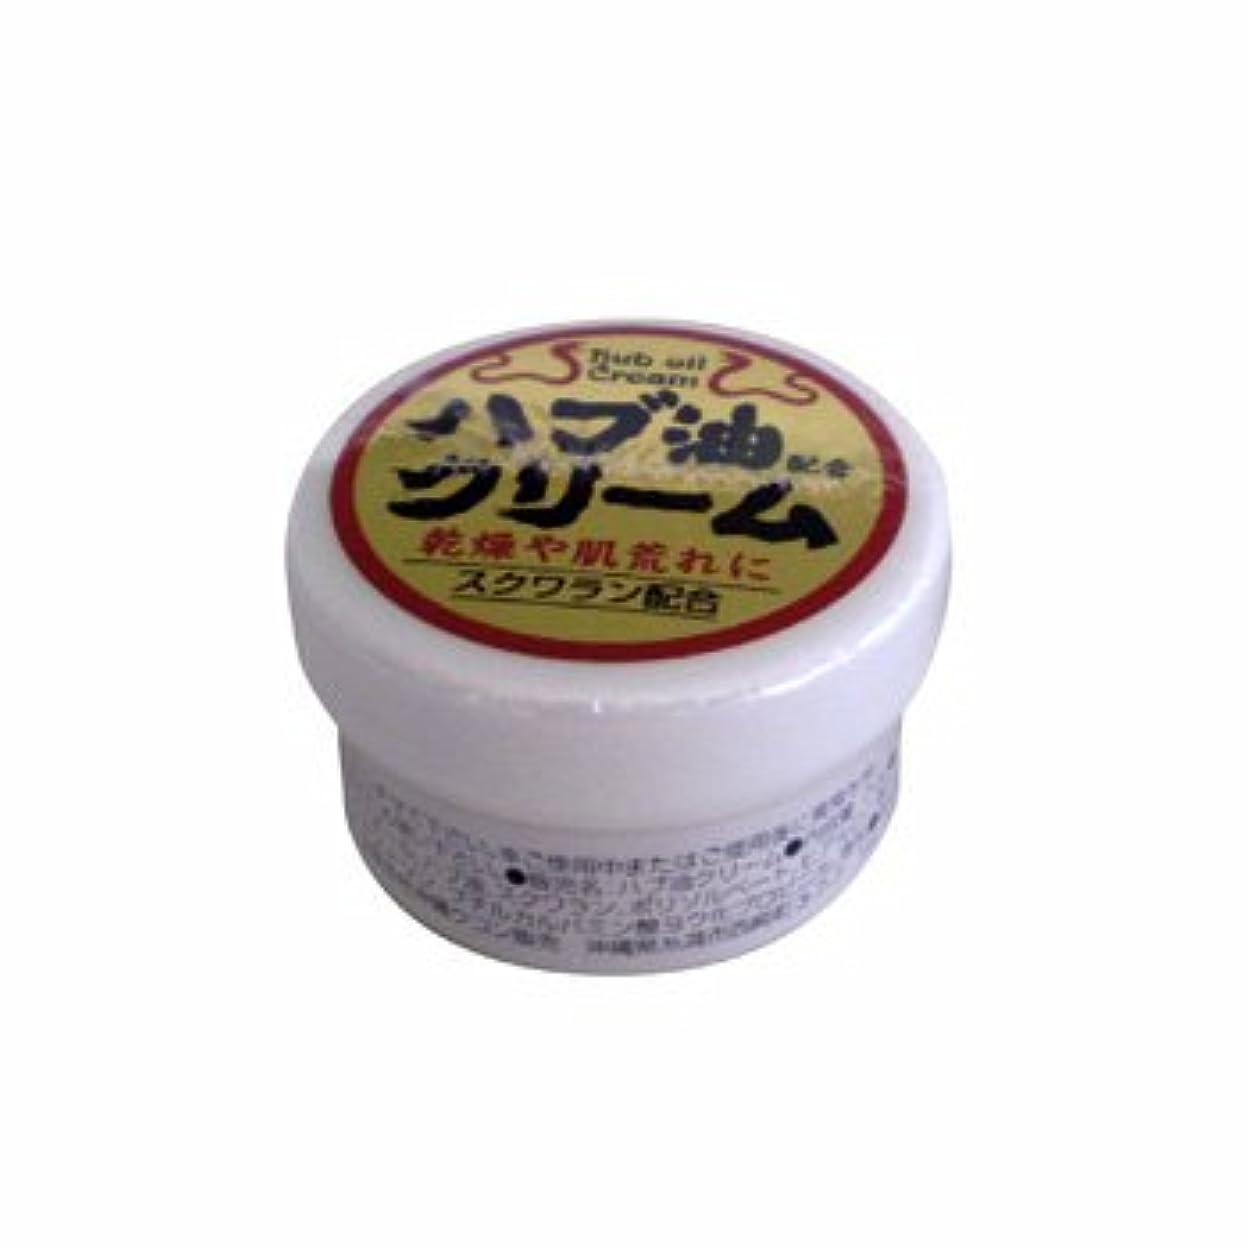 素子特殊トラフハブ油配合クリーム 1個【1個?20g】